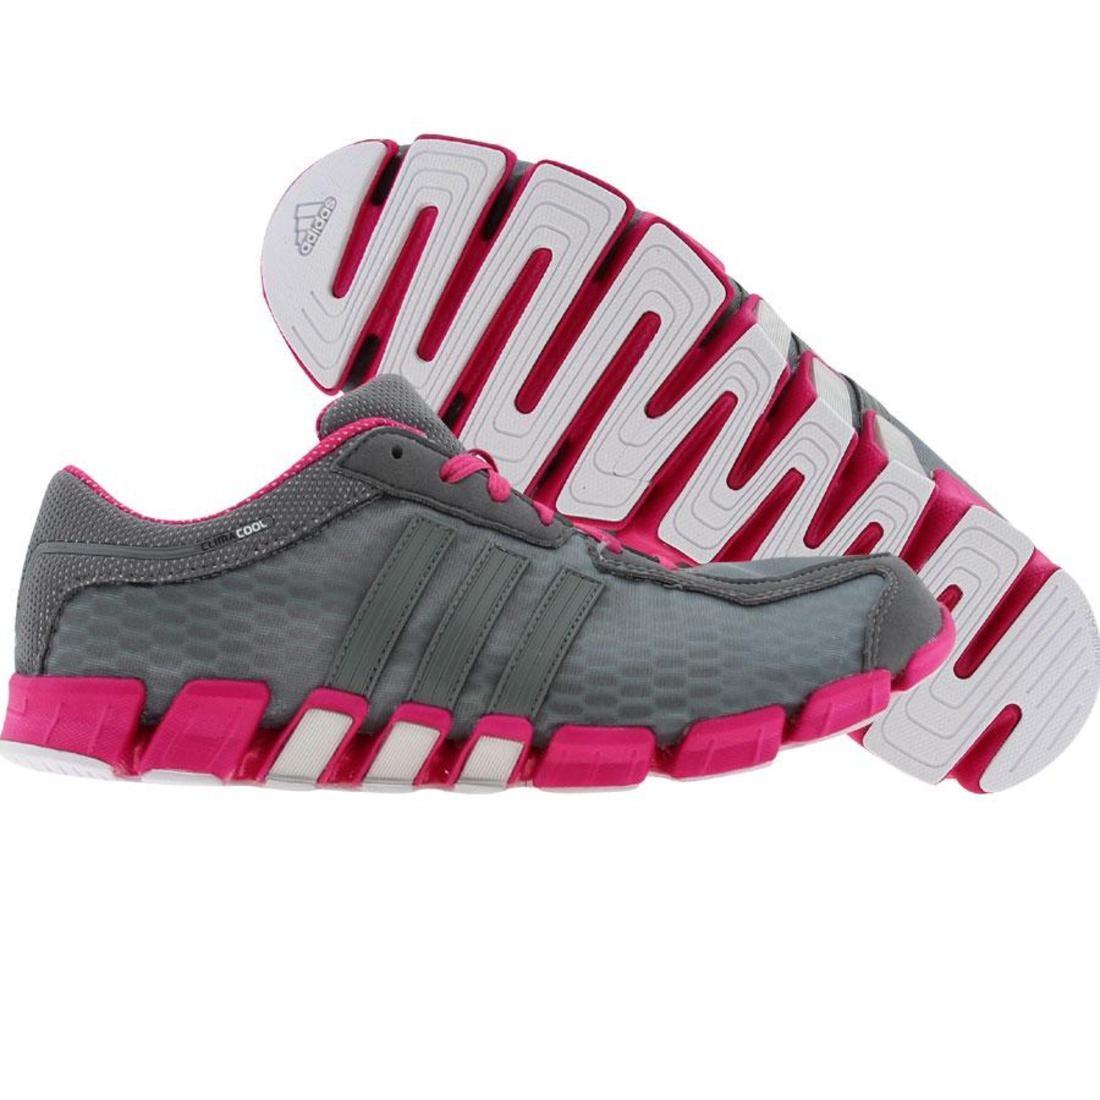 【海外限定】アディダス 銀色 シルバー スニーカー 靴 【 ADIDAS SILVER BIG KIDS CC RIDE METALLIC LEAD INT PINK 】